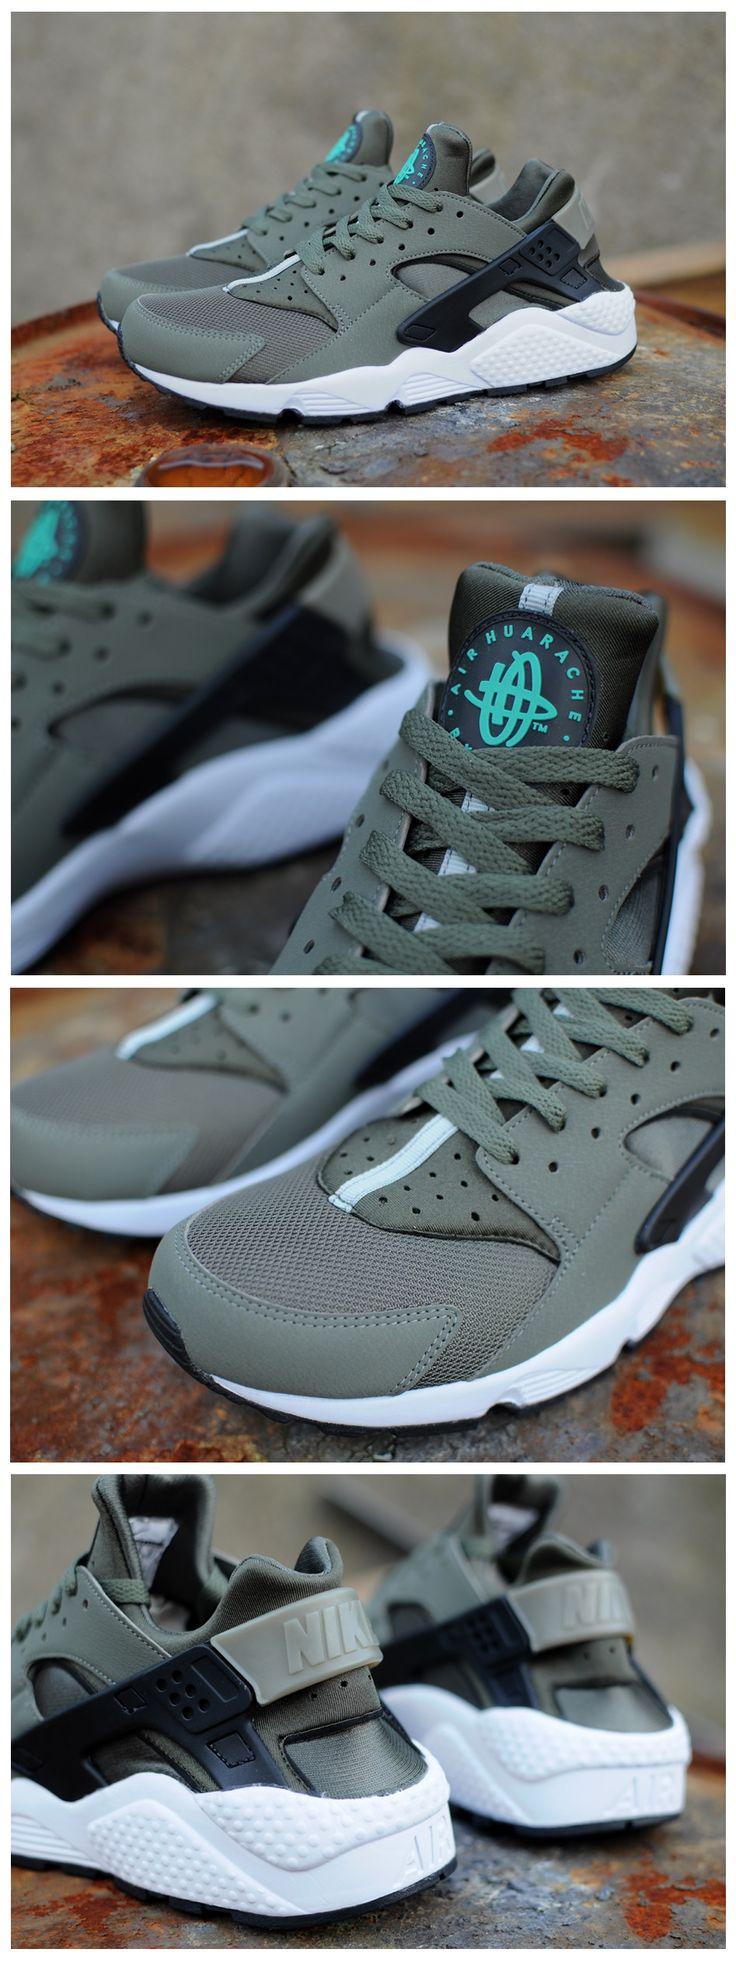 Nike Roshe Ejecutar Las Mujeres Revisión De Glock 43 comprar en venta 1c0fnR04